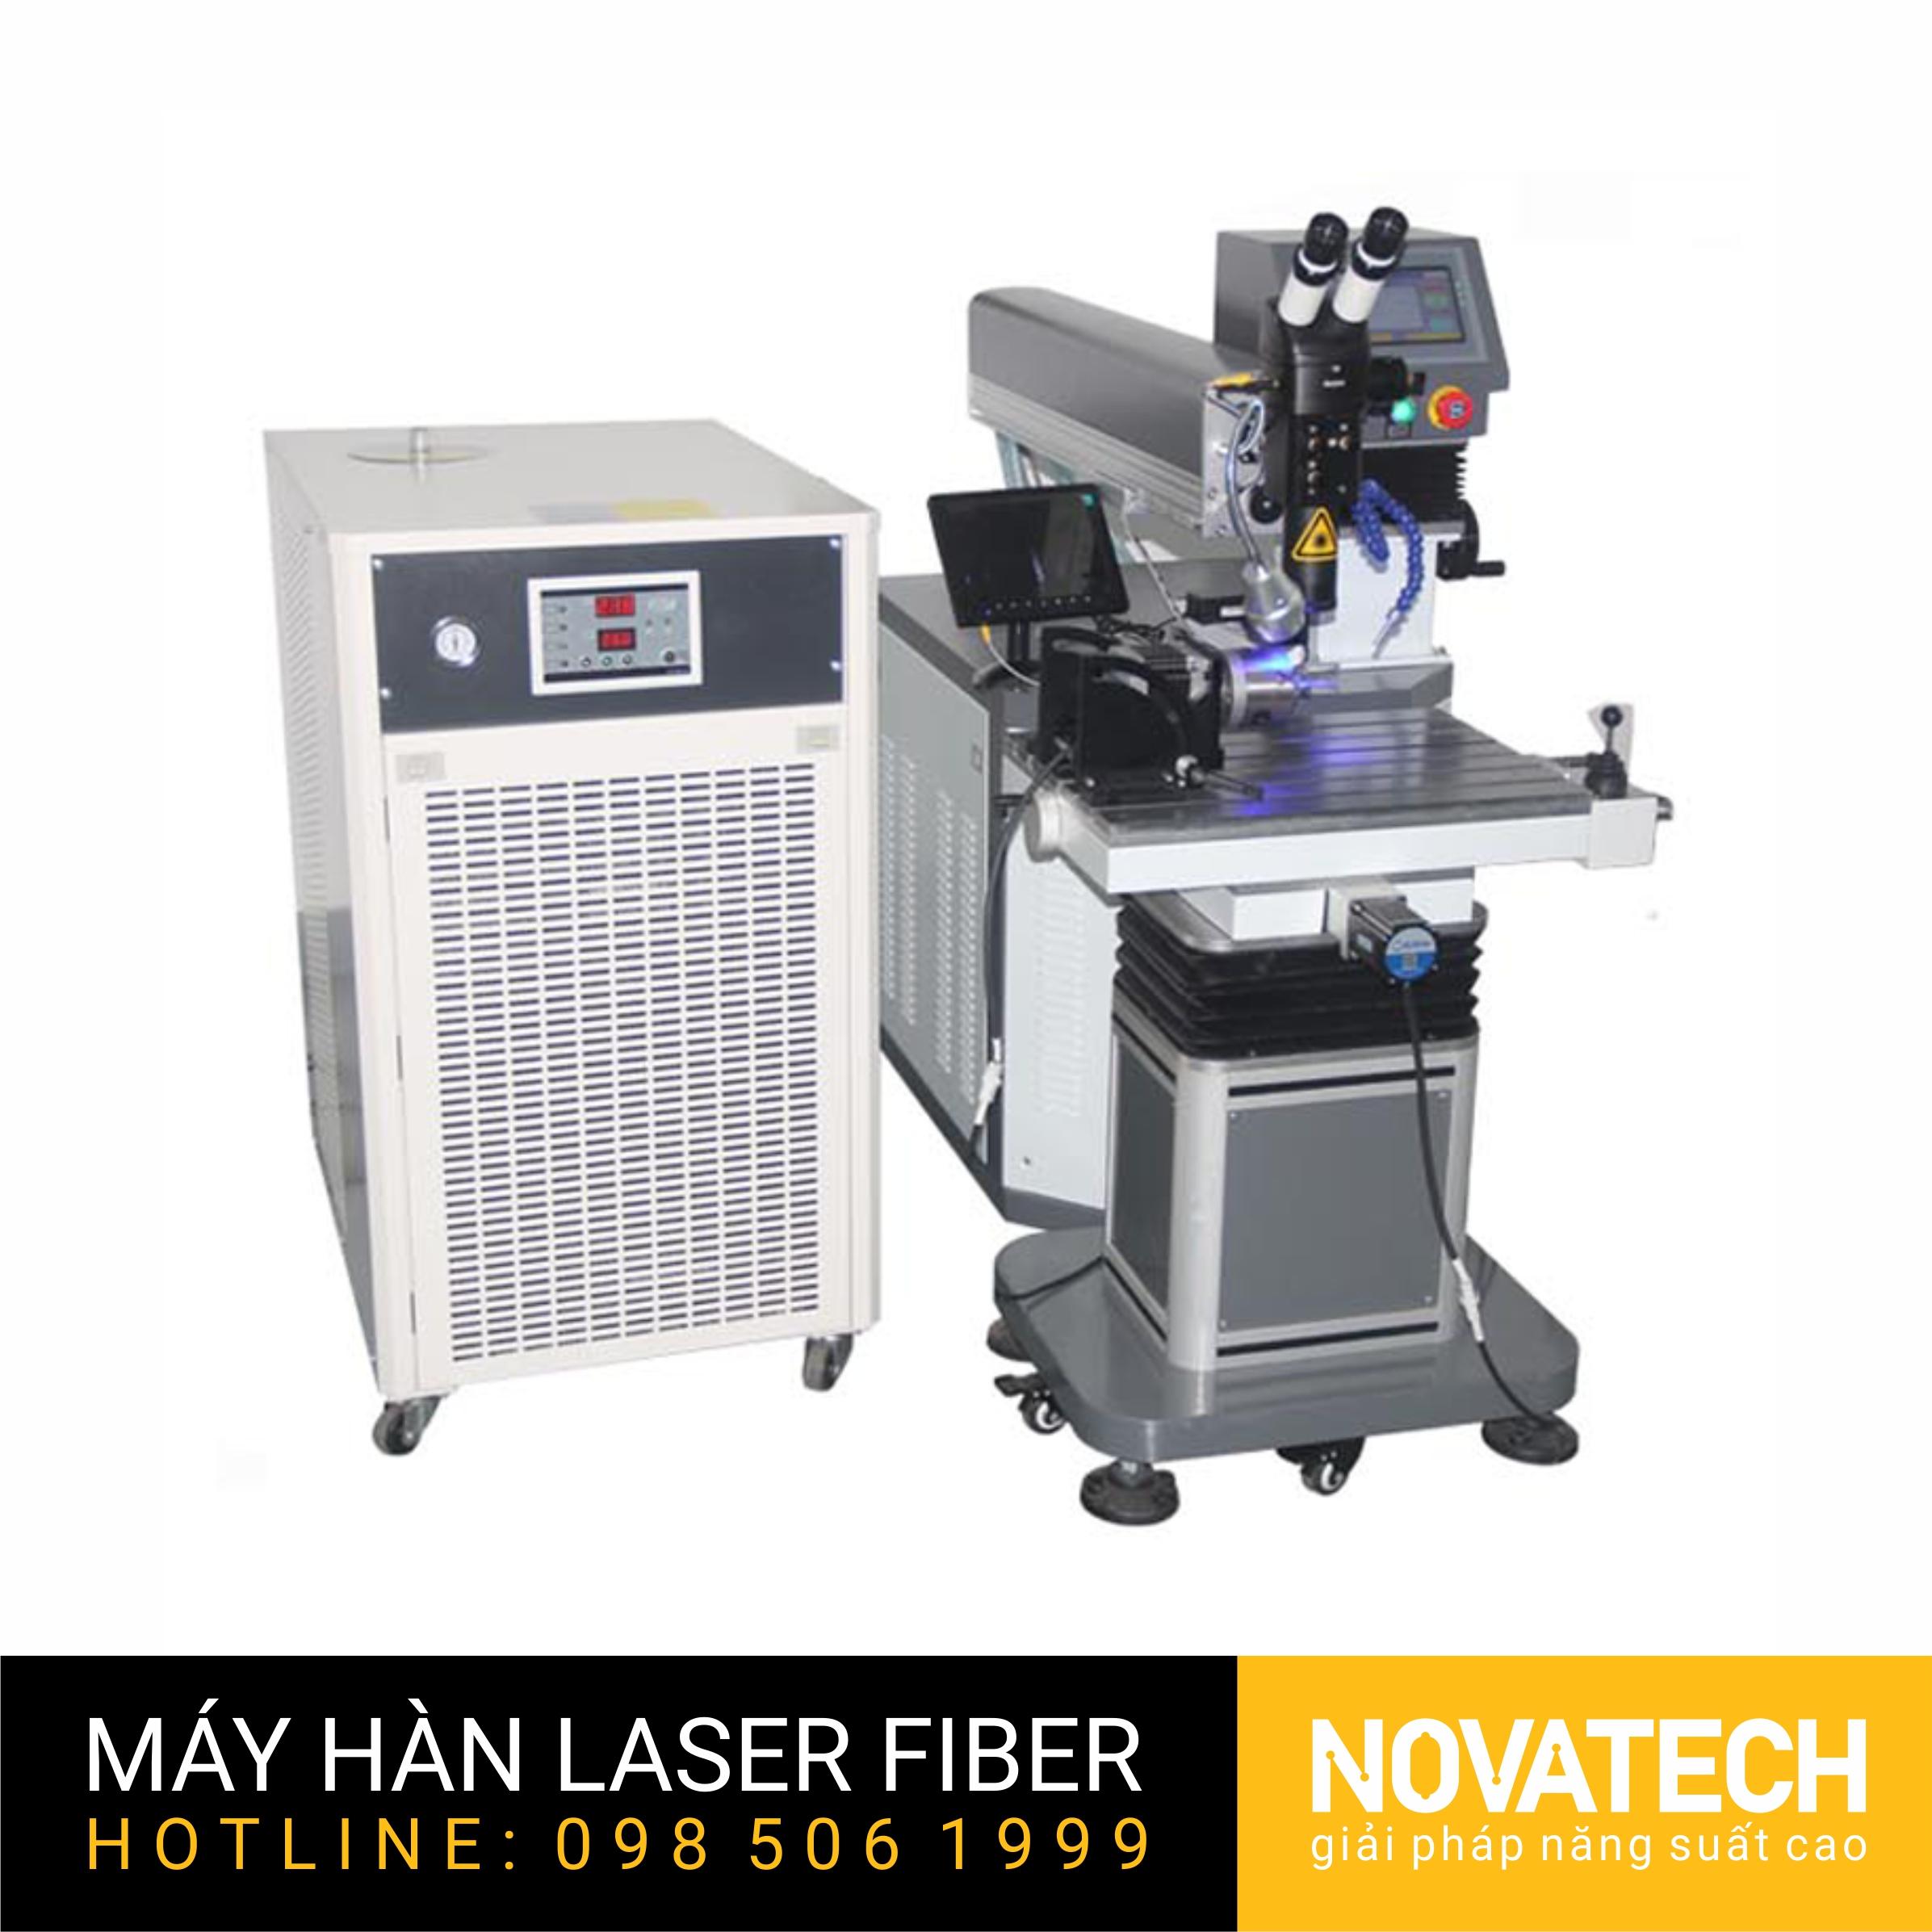 Máy hàn laser khuôn mẫu XT-Laser